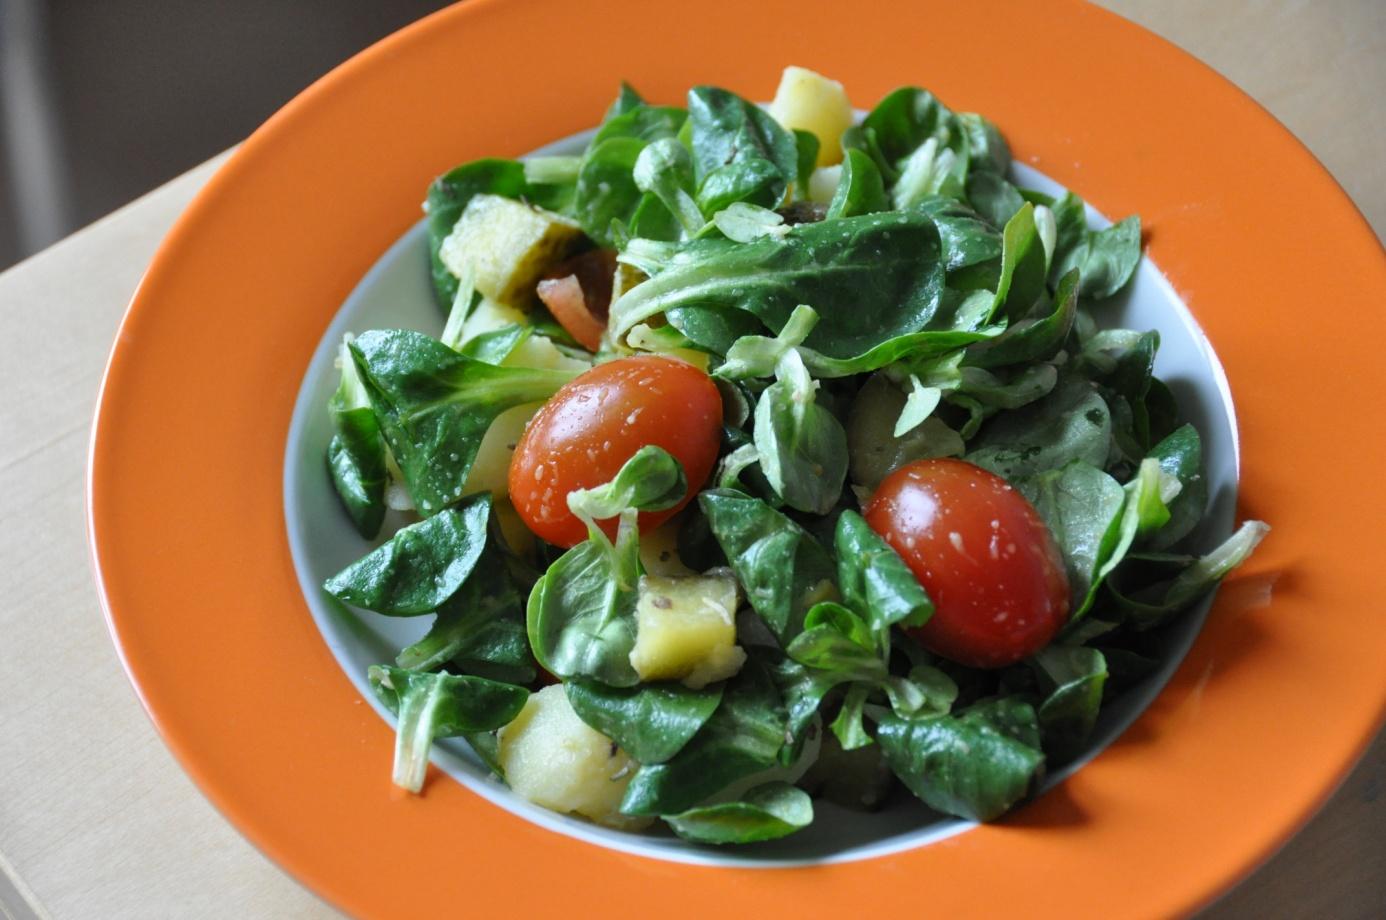 glutenfreier salat mit kartoffeln feldsalat und kirschtomaten leckere glutenfreie rezepte. Black Bedroom Furniture Sets. Home Design Ideas